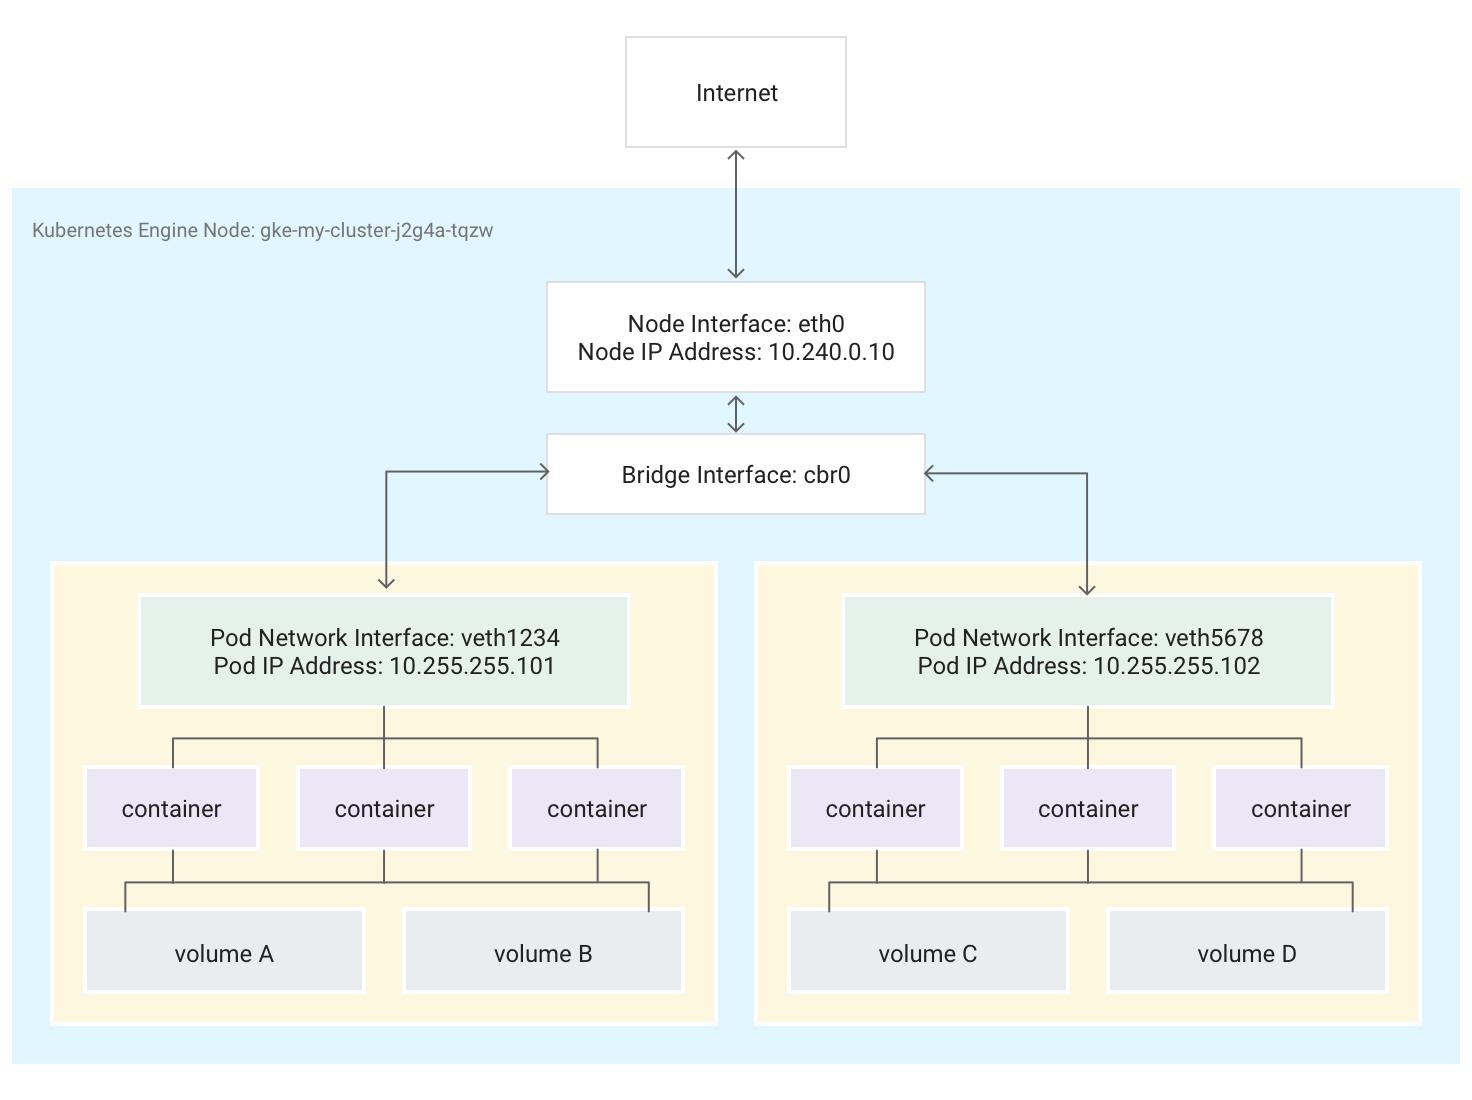 上の段落で説明されている、2 つの Pod を実行する 1 つのノードを示す図